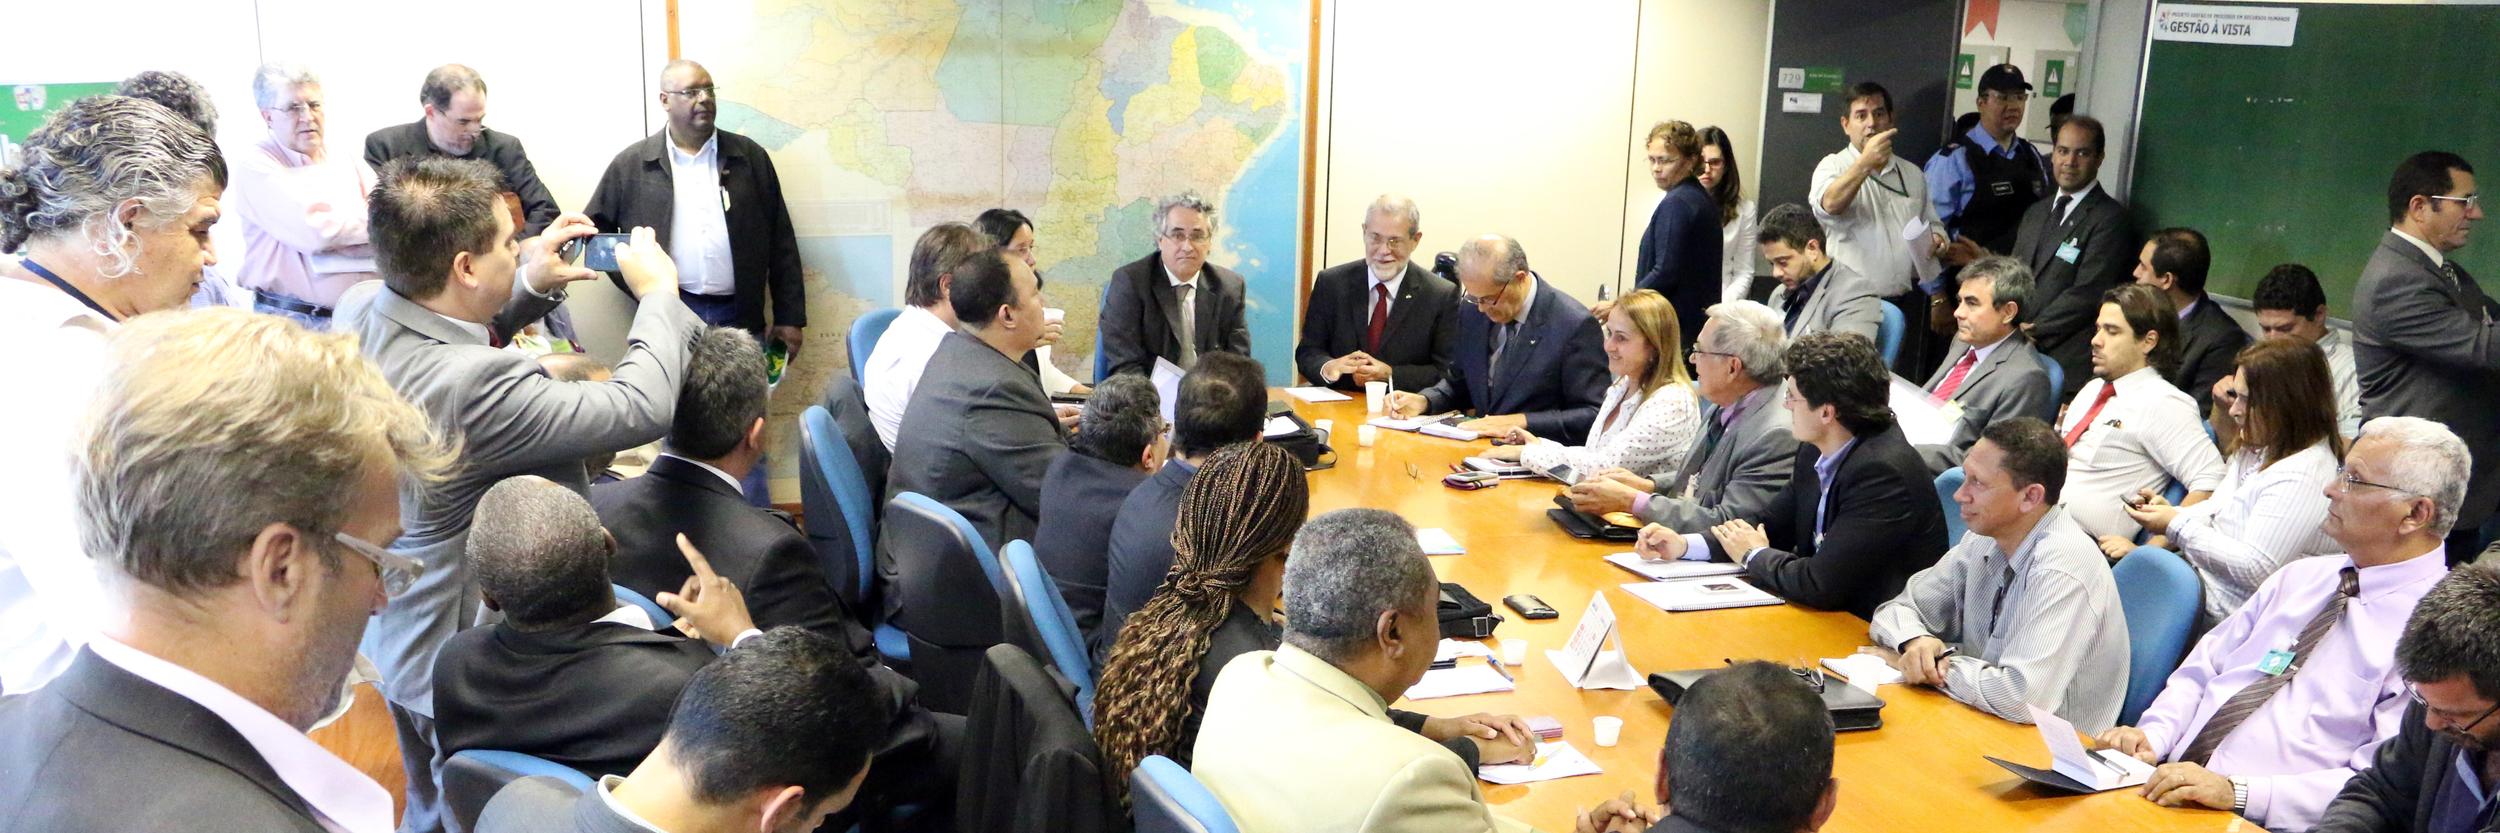 Sérgio Mendonça foi o porta-voz do Governo Federal na apresentação da proposta de reajuste salarial. Foto: Filipe Calmon / ANESP